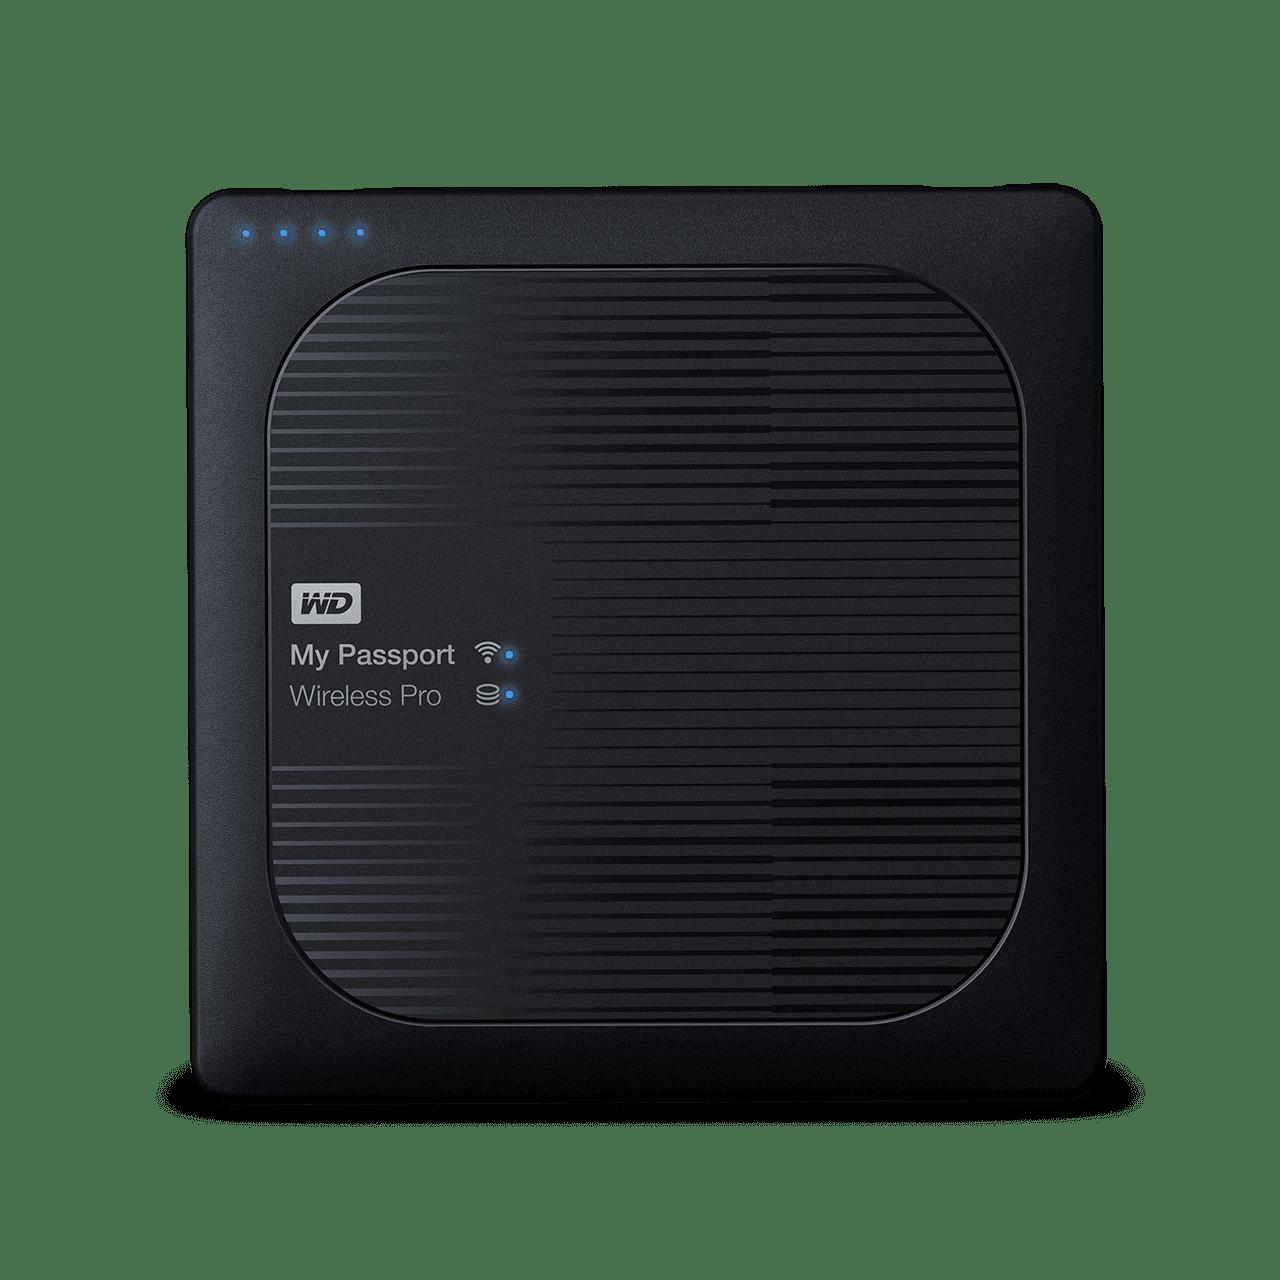 WD My Passport Pro wifi ekstern harddisk